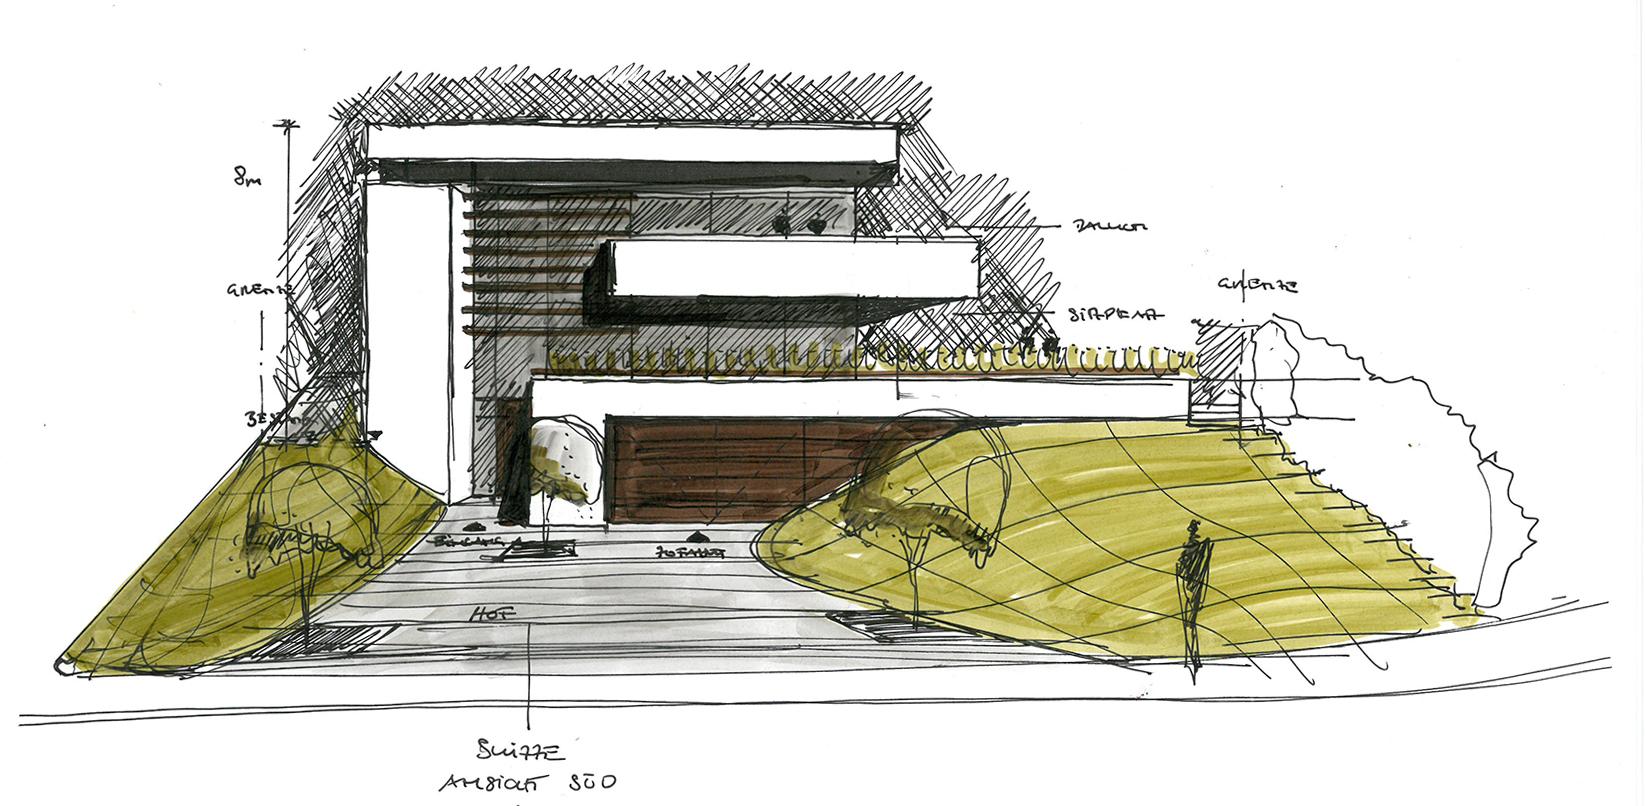 Architektur Wohnhaus Fuchs Und Wacker ~ Dekoration, Inspiration Innenraum und Möbel Ideen